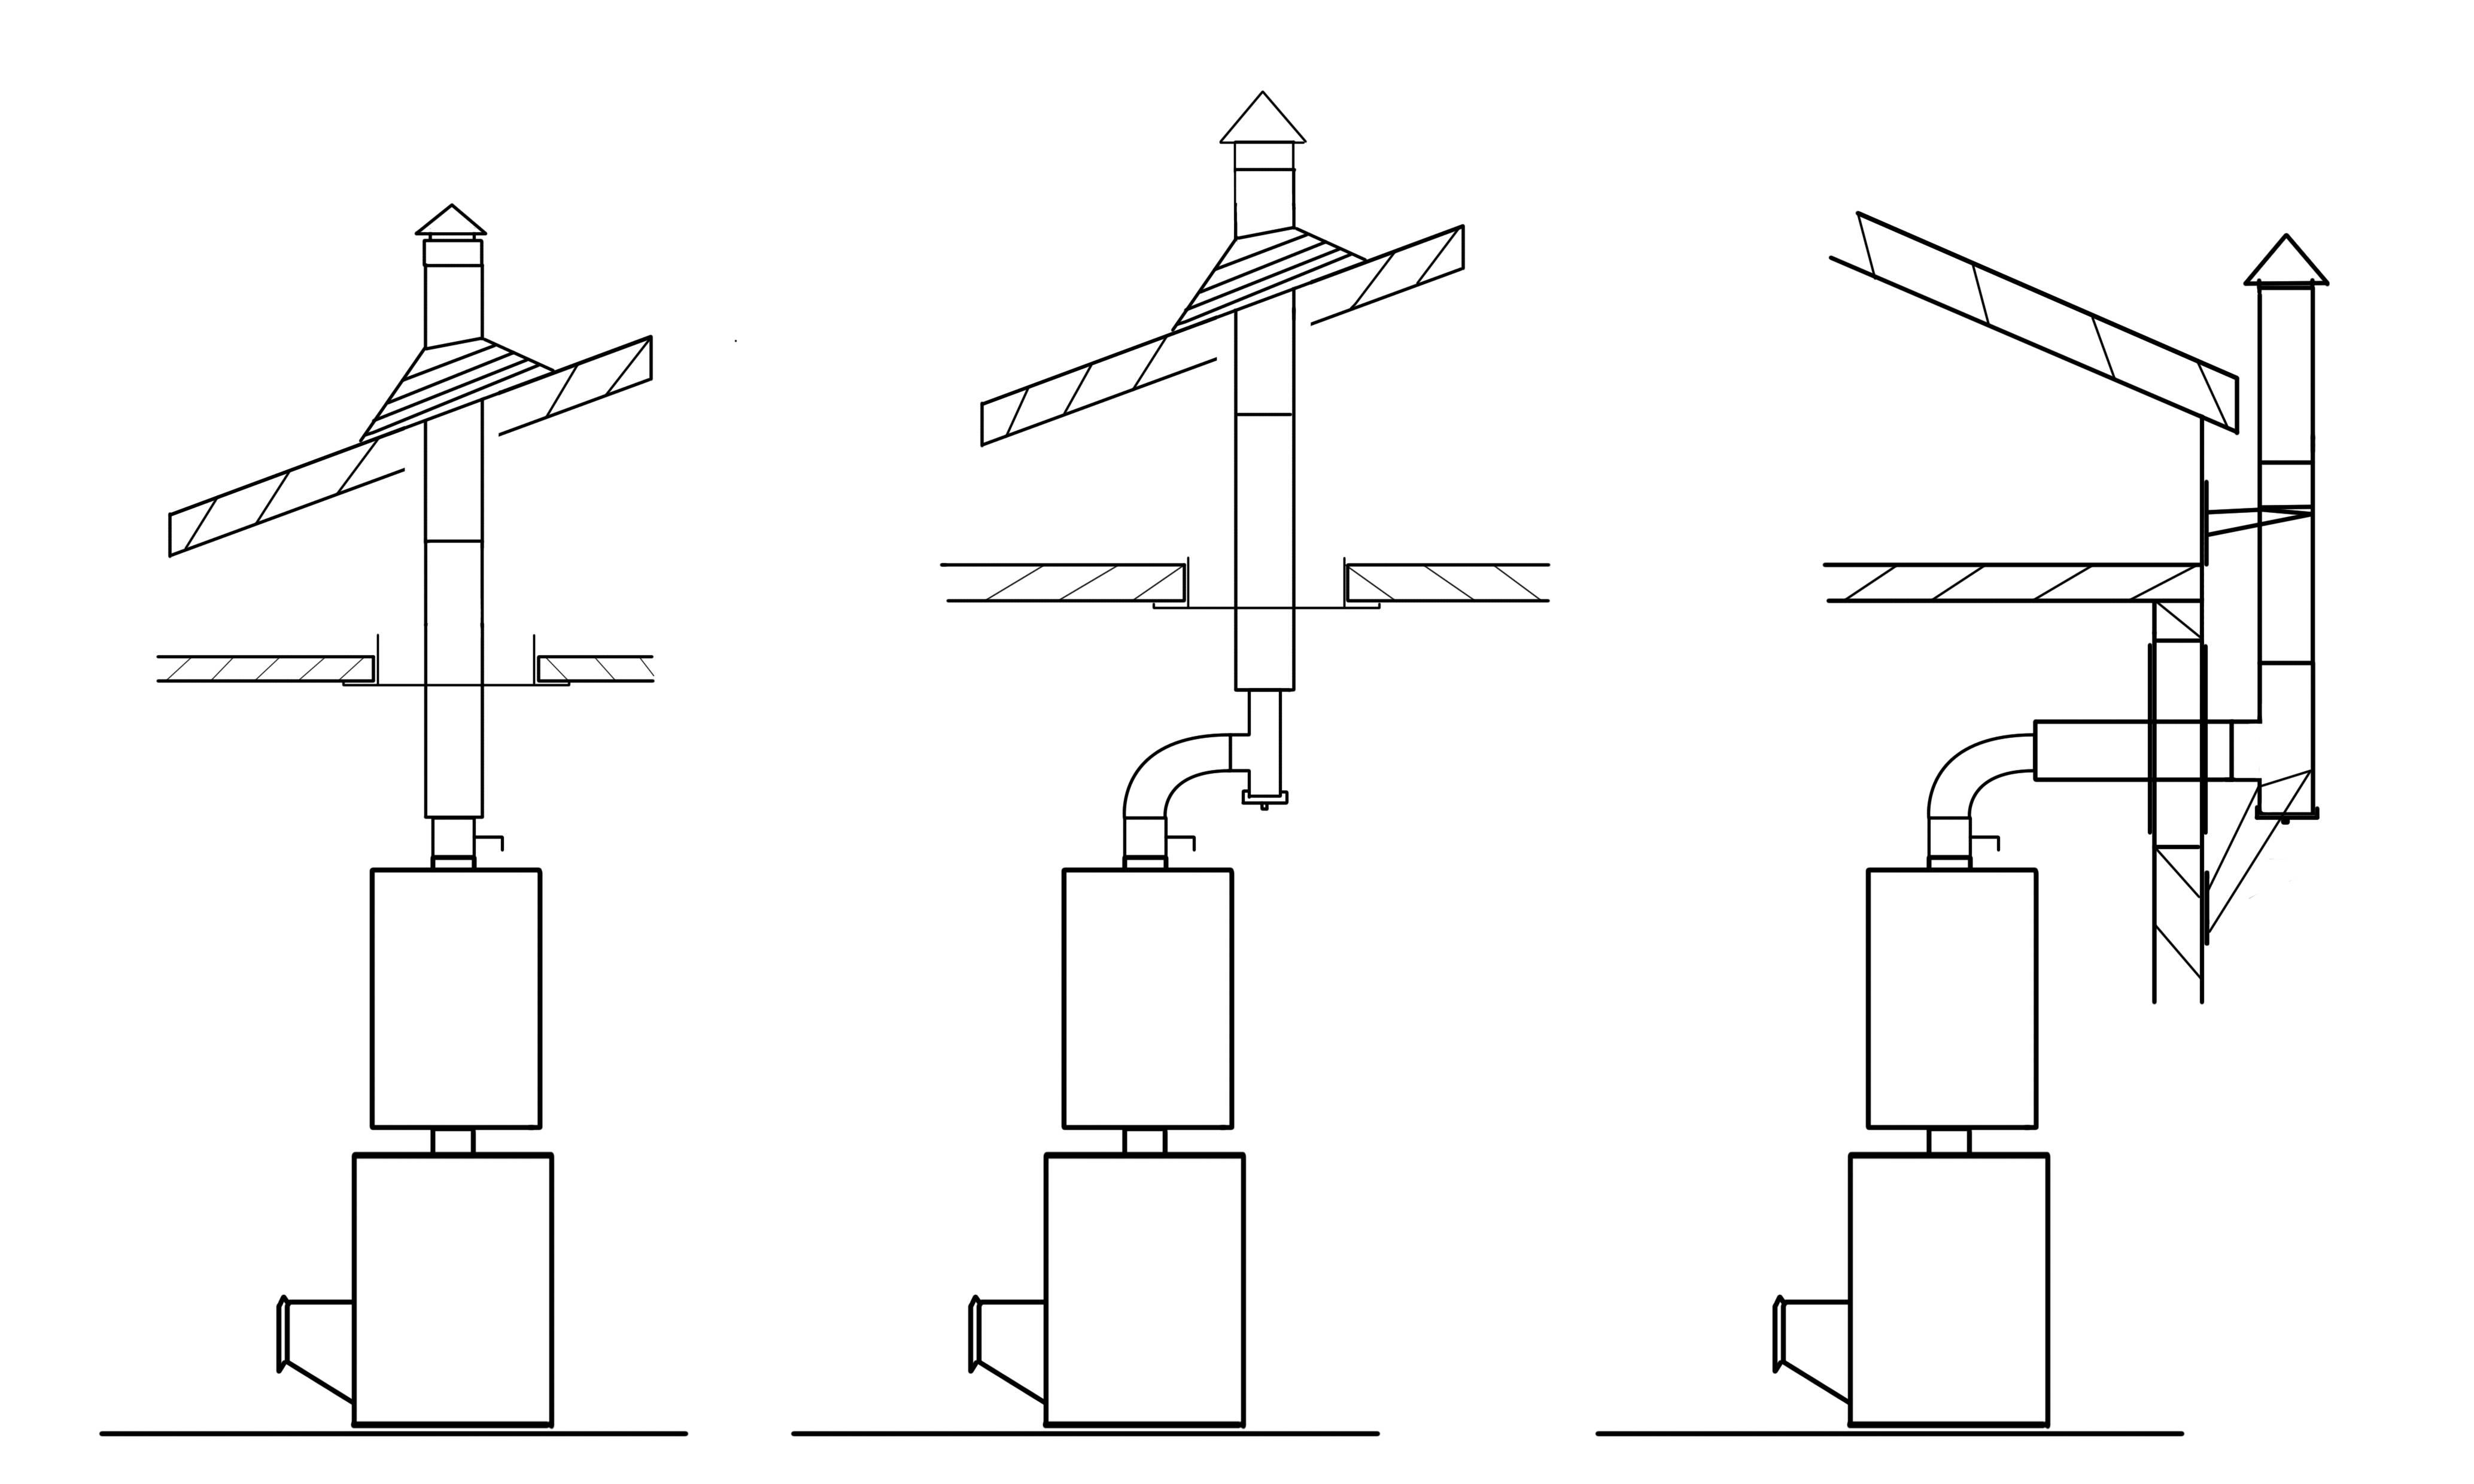 Дымоход из нержавеющей стали – монтаж и устройство (фото, видео инструкция)